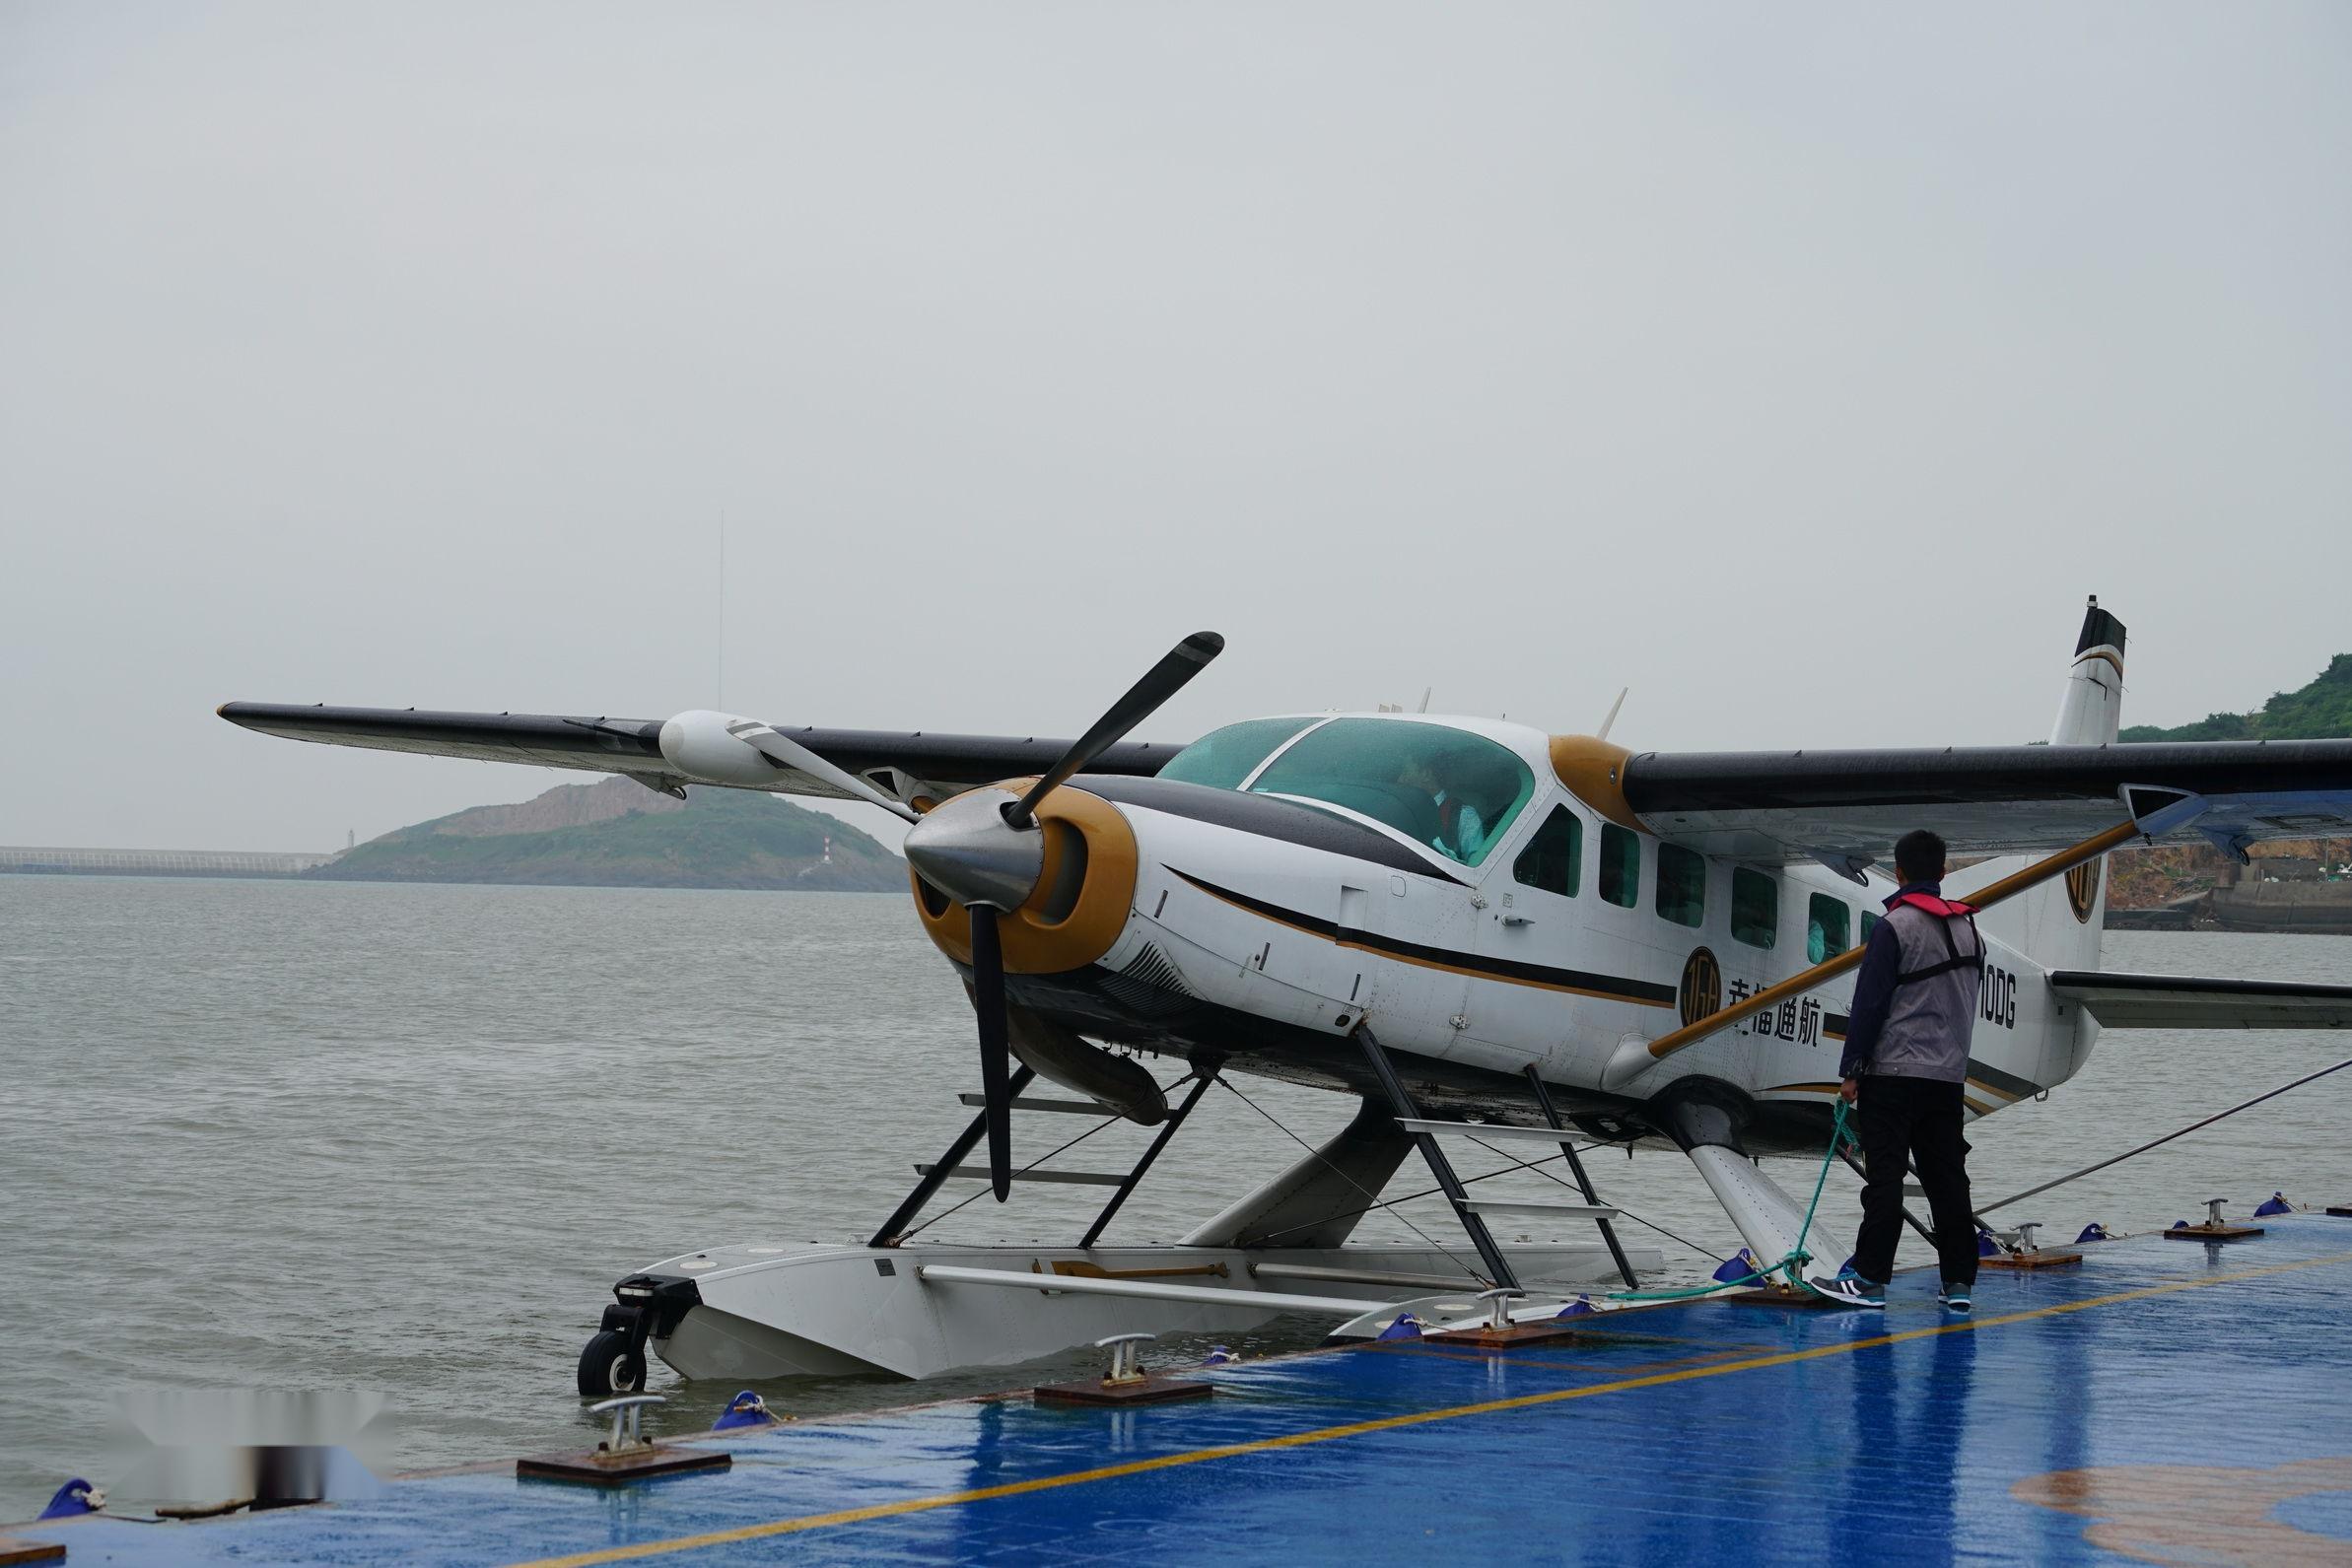 水上飞机,是指能在水面上起飞、降落和停泊的飞机,简称水机。水上飞机分为船身式和浮筒式两种。水上飞机主要用于海上巡逻、反潜、救援和体育运动。第一架从水上起飞的飞机,是由法国著名的早期飞行家和飞机设计师瓦赞兄弟制造的。这是一架箱形风筝式滑翔机。机身下装有浮筒。1905年6月6日,这架滑翔机由汽艇在赛纳河上拖引着飞入空中。1910年3月28日,世界第一架水上飞机试飞。